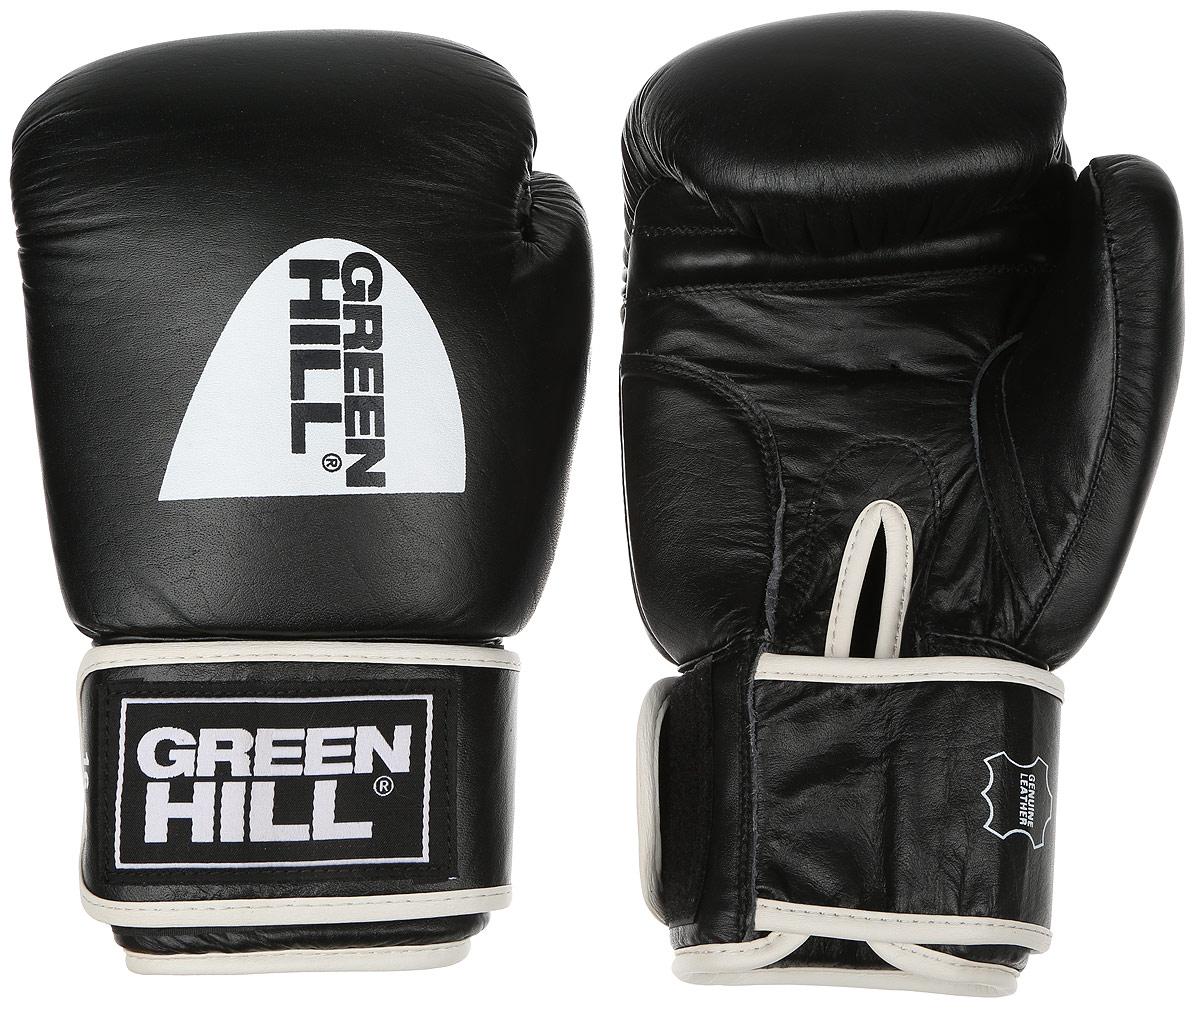 Перчатки боксерские Green Hill Gym, цвет: черный, белый. Вес 16 унцийAIRWHEEL M3-162.8Боксерские перчатки Green Hill Gym подходят для всех видов единоборств где применяют перчатки. Подойдет как для бокса, так и для кикбоксинга. Новички и профессионалы высоко ценят эту модель за универсальность. Верхняя часть перчатки выполнена из натуральной кожи, наполнитель - пенополиуретан. Перфорированная поверхность в области ладони позволяет создать максимально комфортный терморежим во время занятий. Закрепляется на руке при помощи липучки.